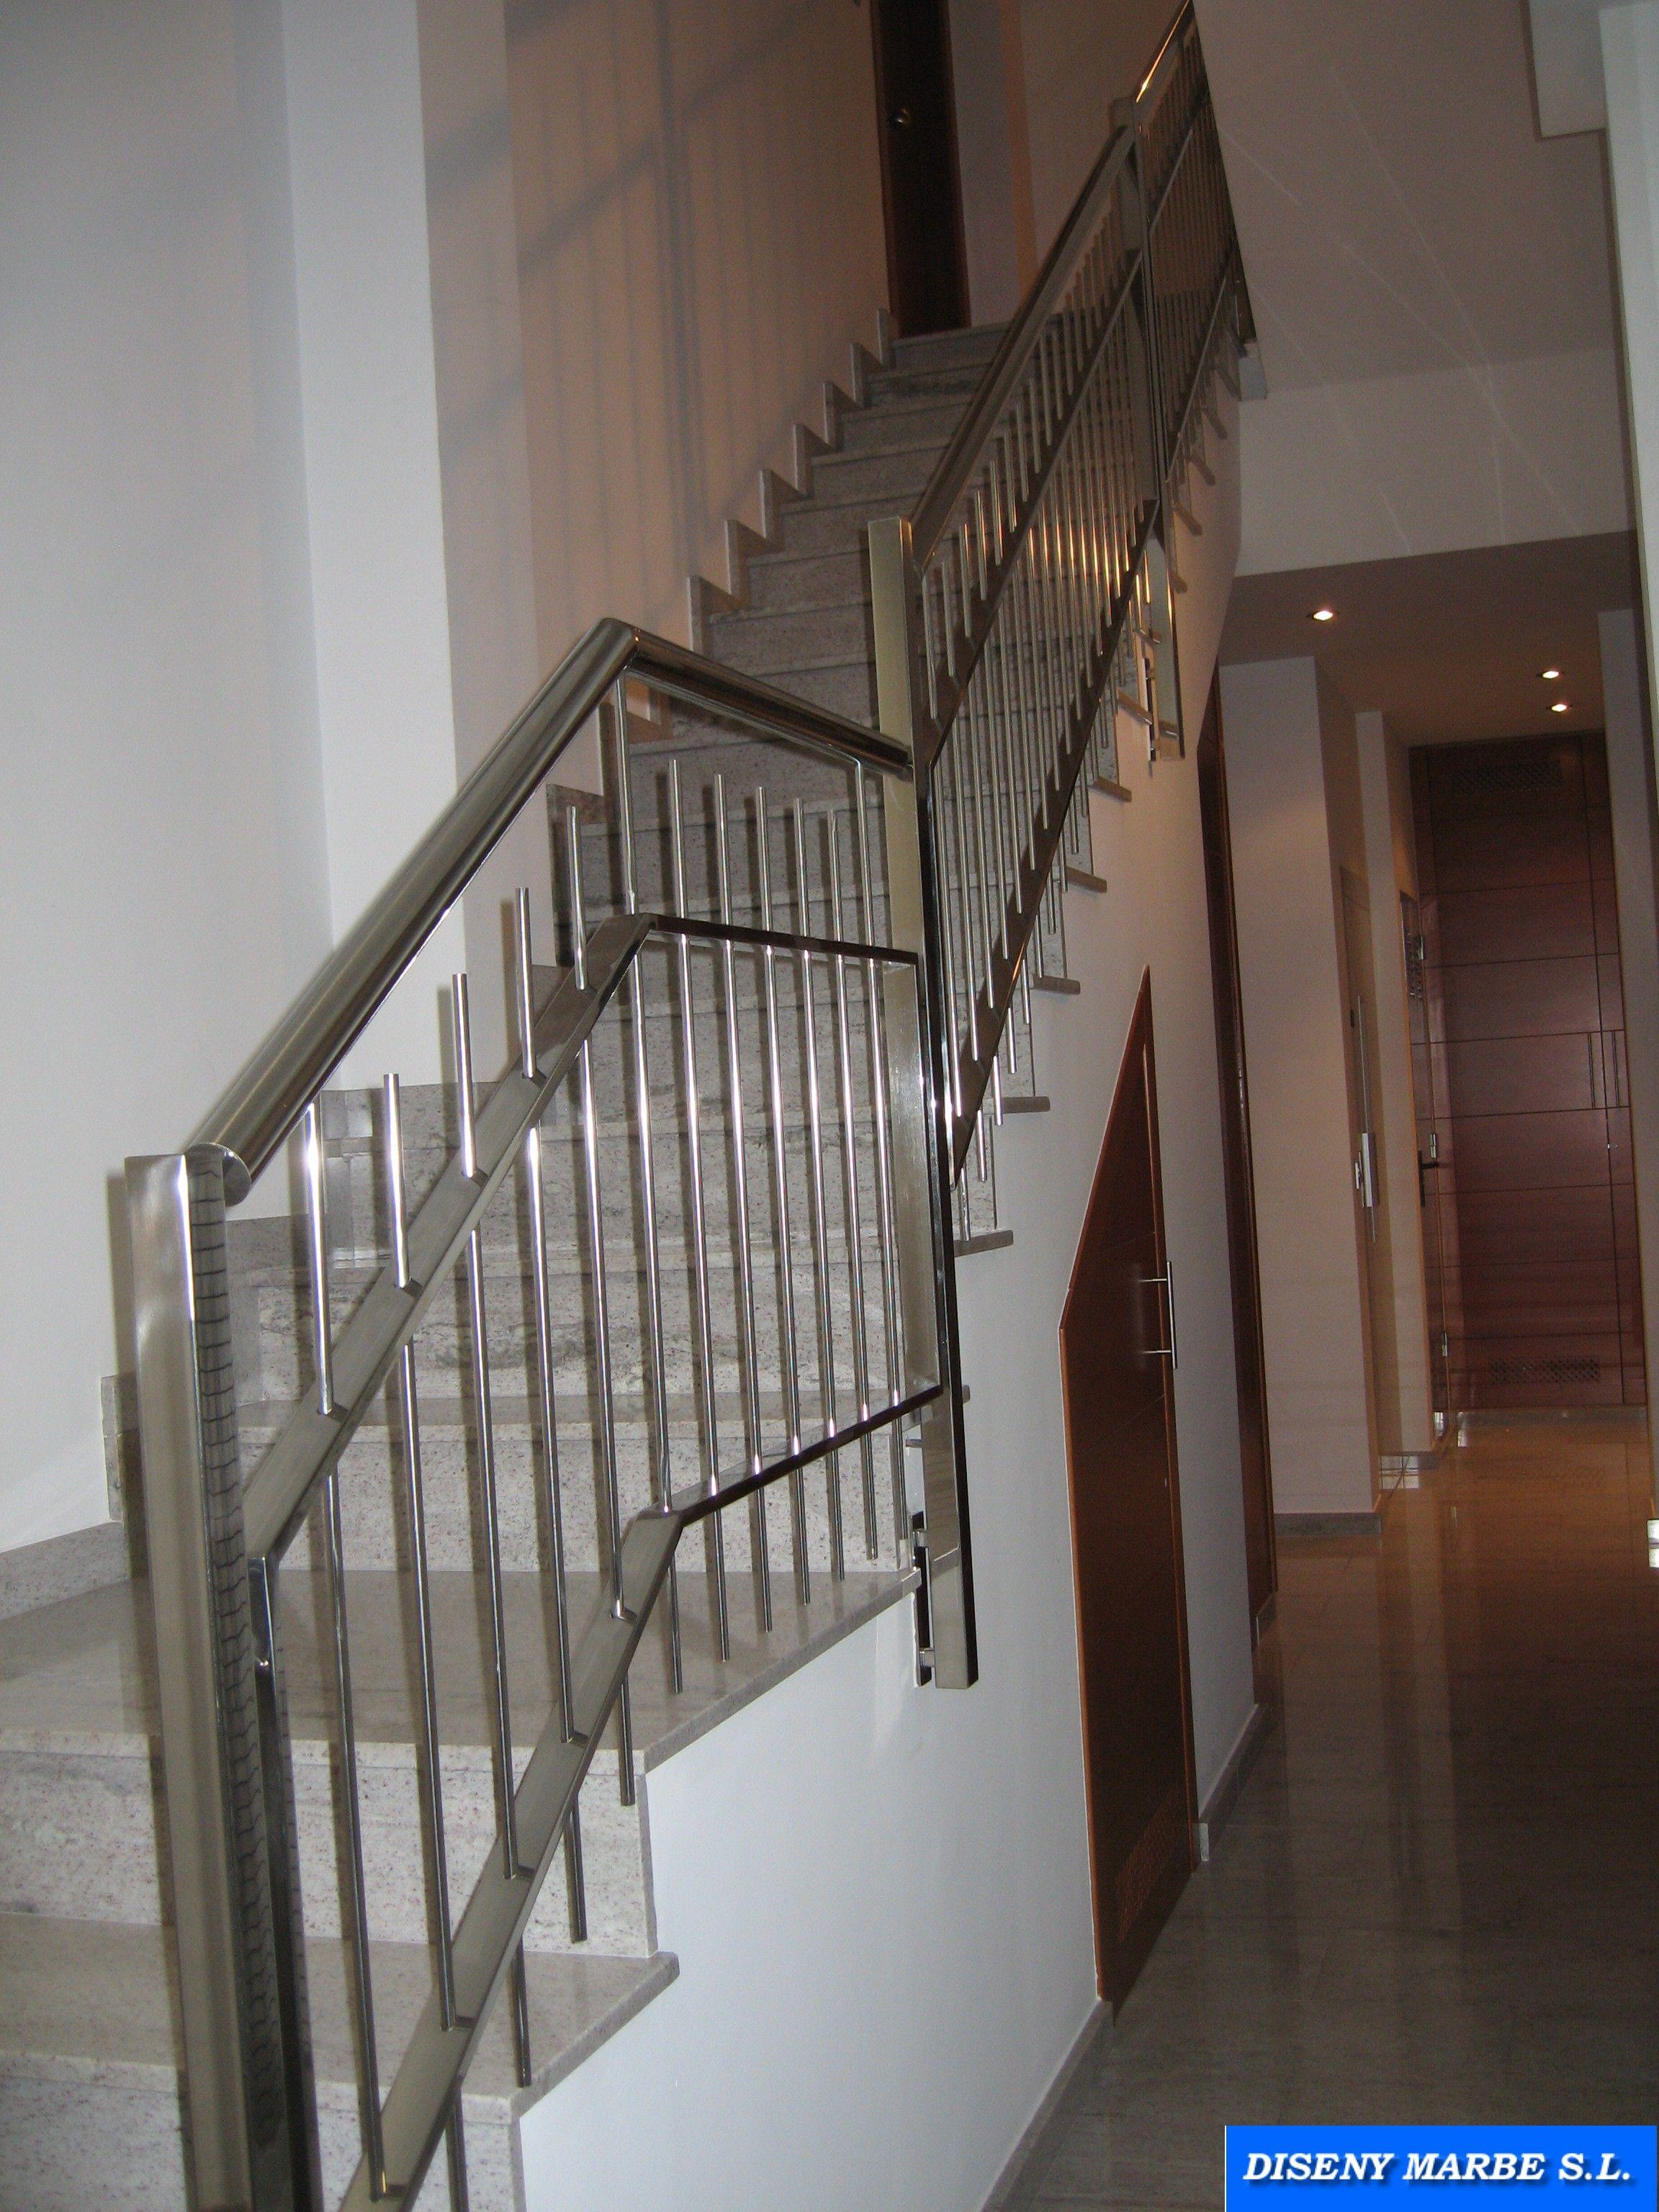 Barandilla escalera de acero inoxidable dise o barrotes en vertical barandas de escaleras - Barandilla para escalera ...